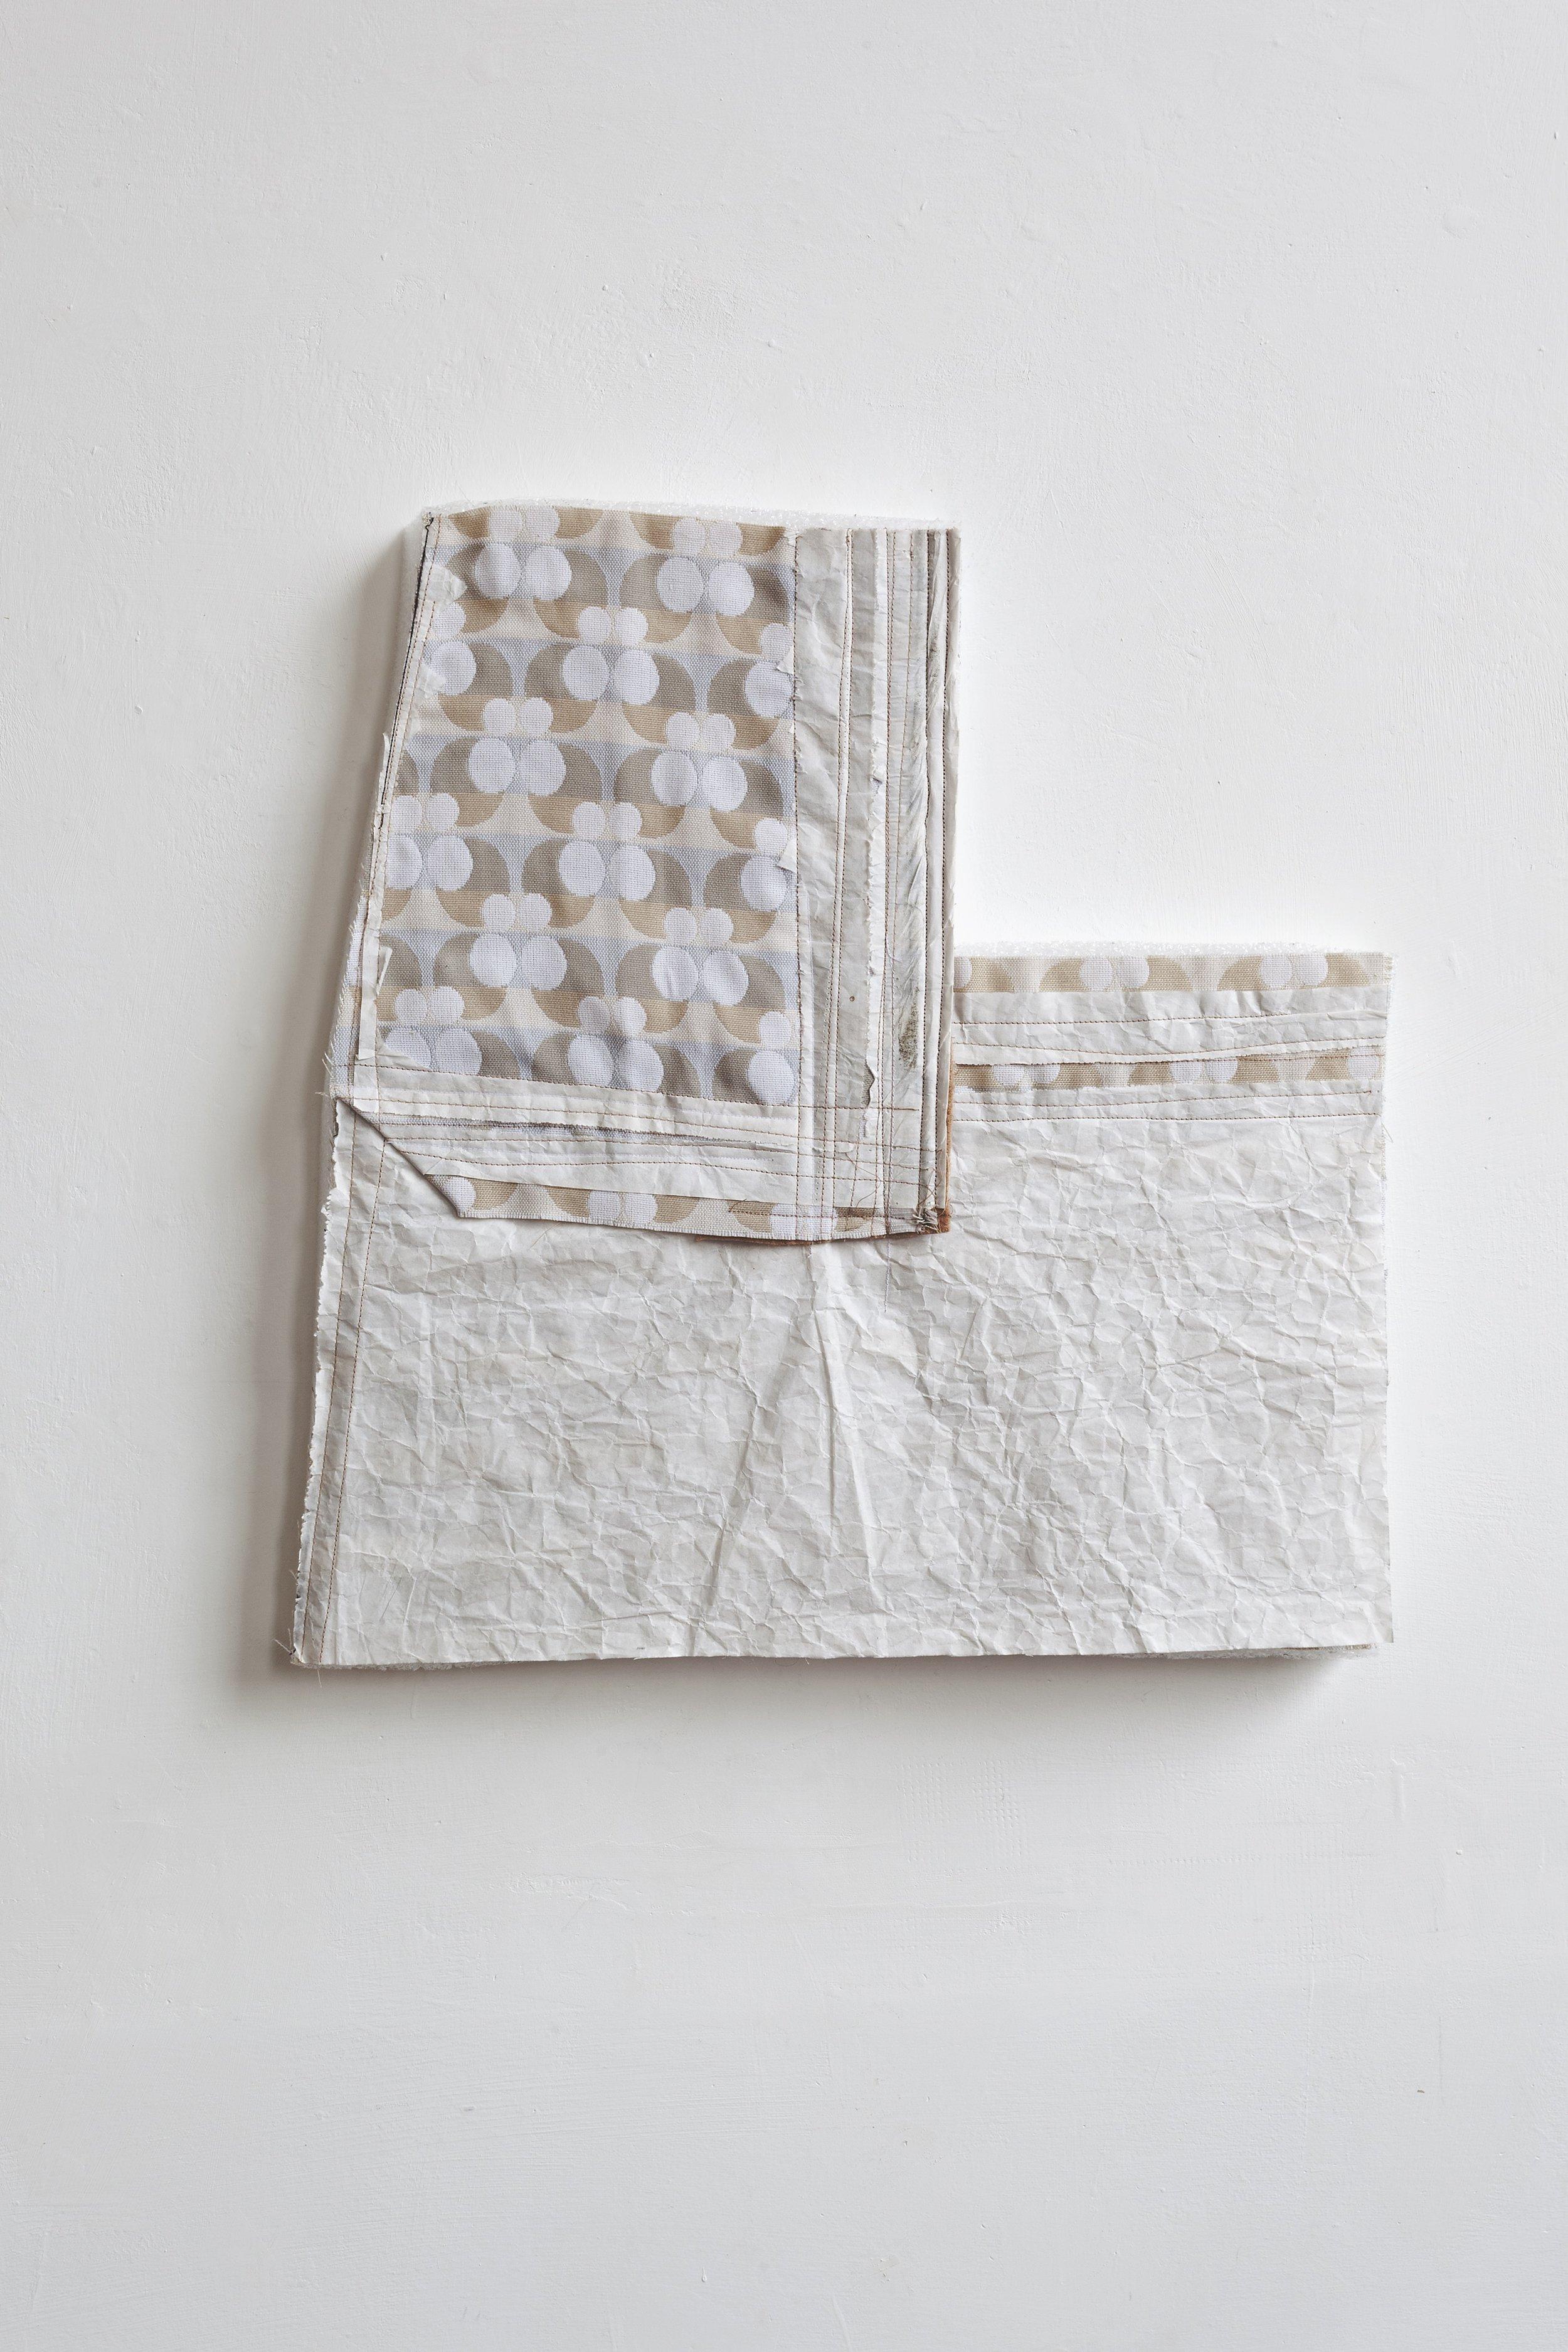 Do, undo, redo - fabric drawing #23 , 2017/19 - tecnica mista su tessuto e gomma spuma - cm 44x42x4